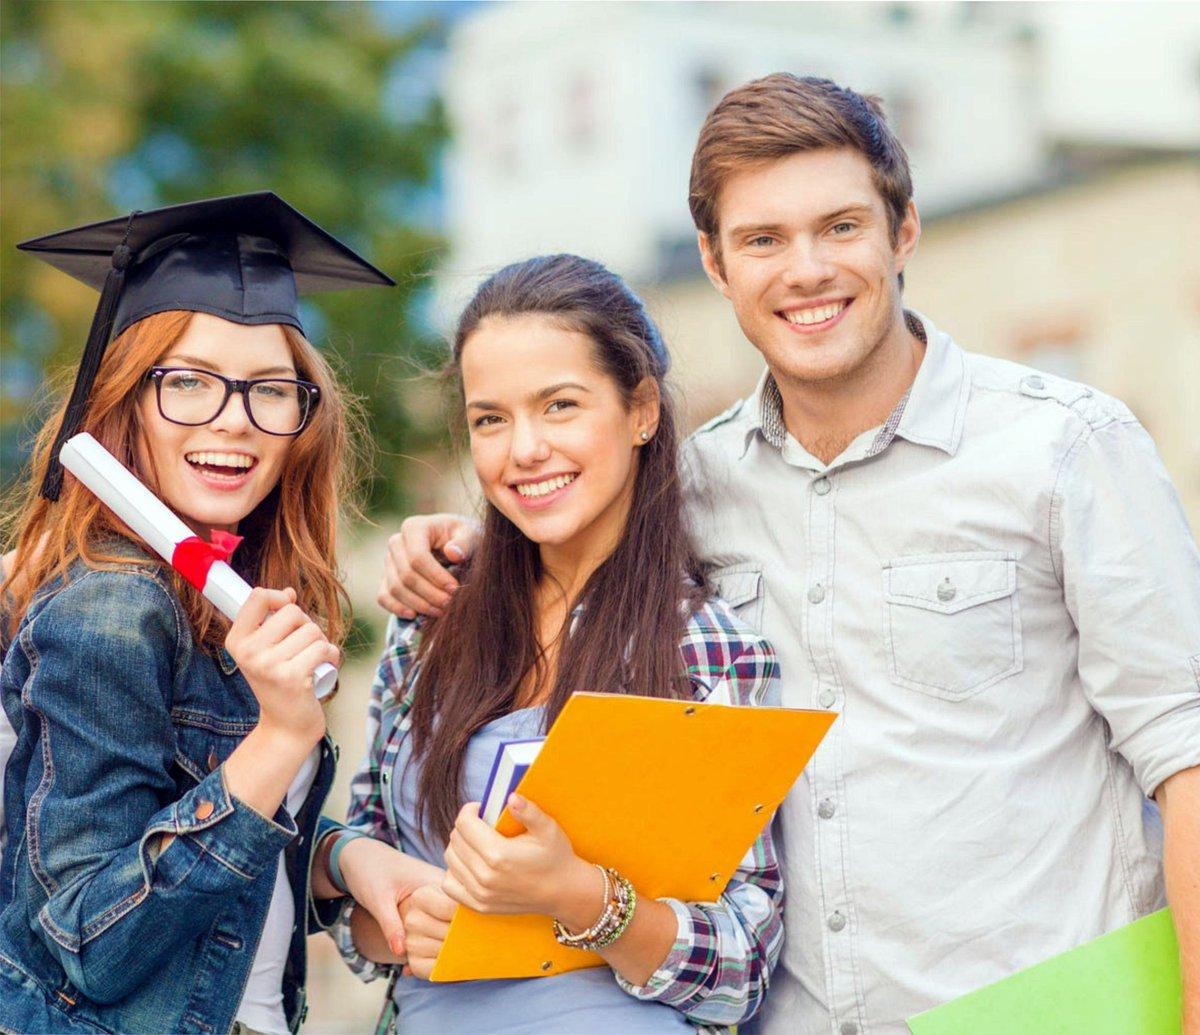 студенческие займы и кредиты